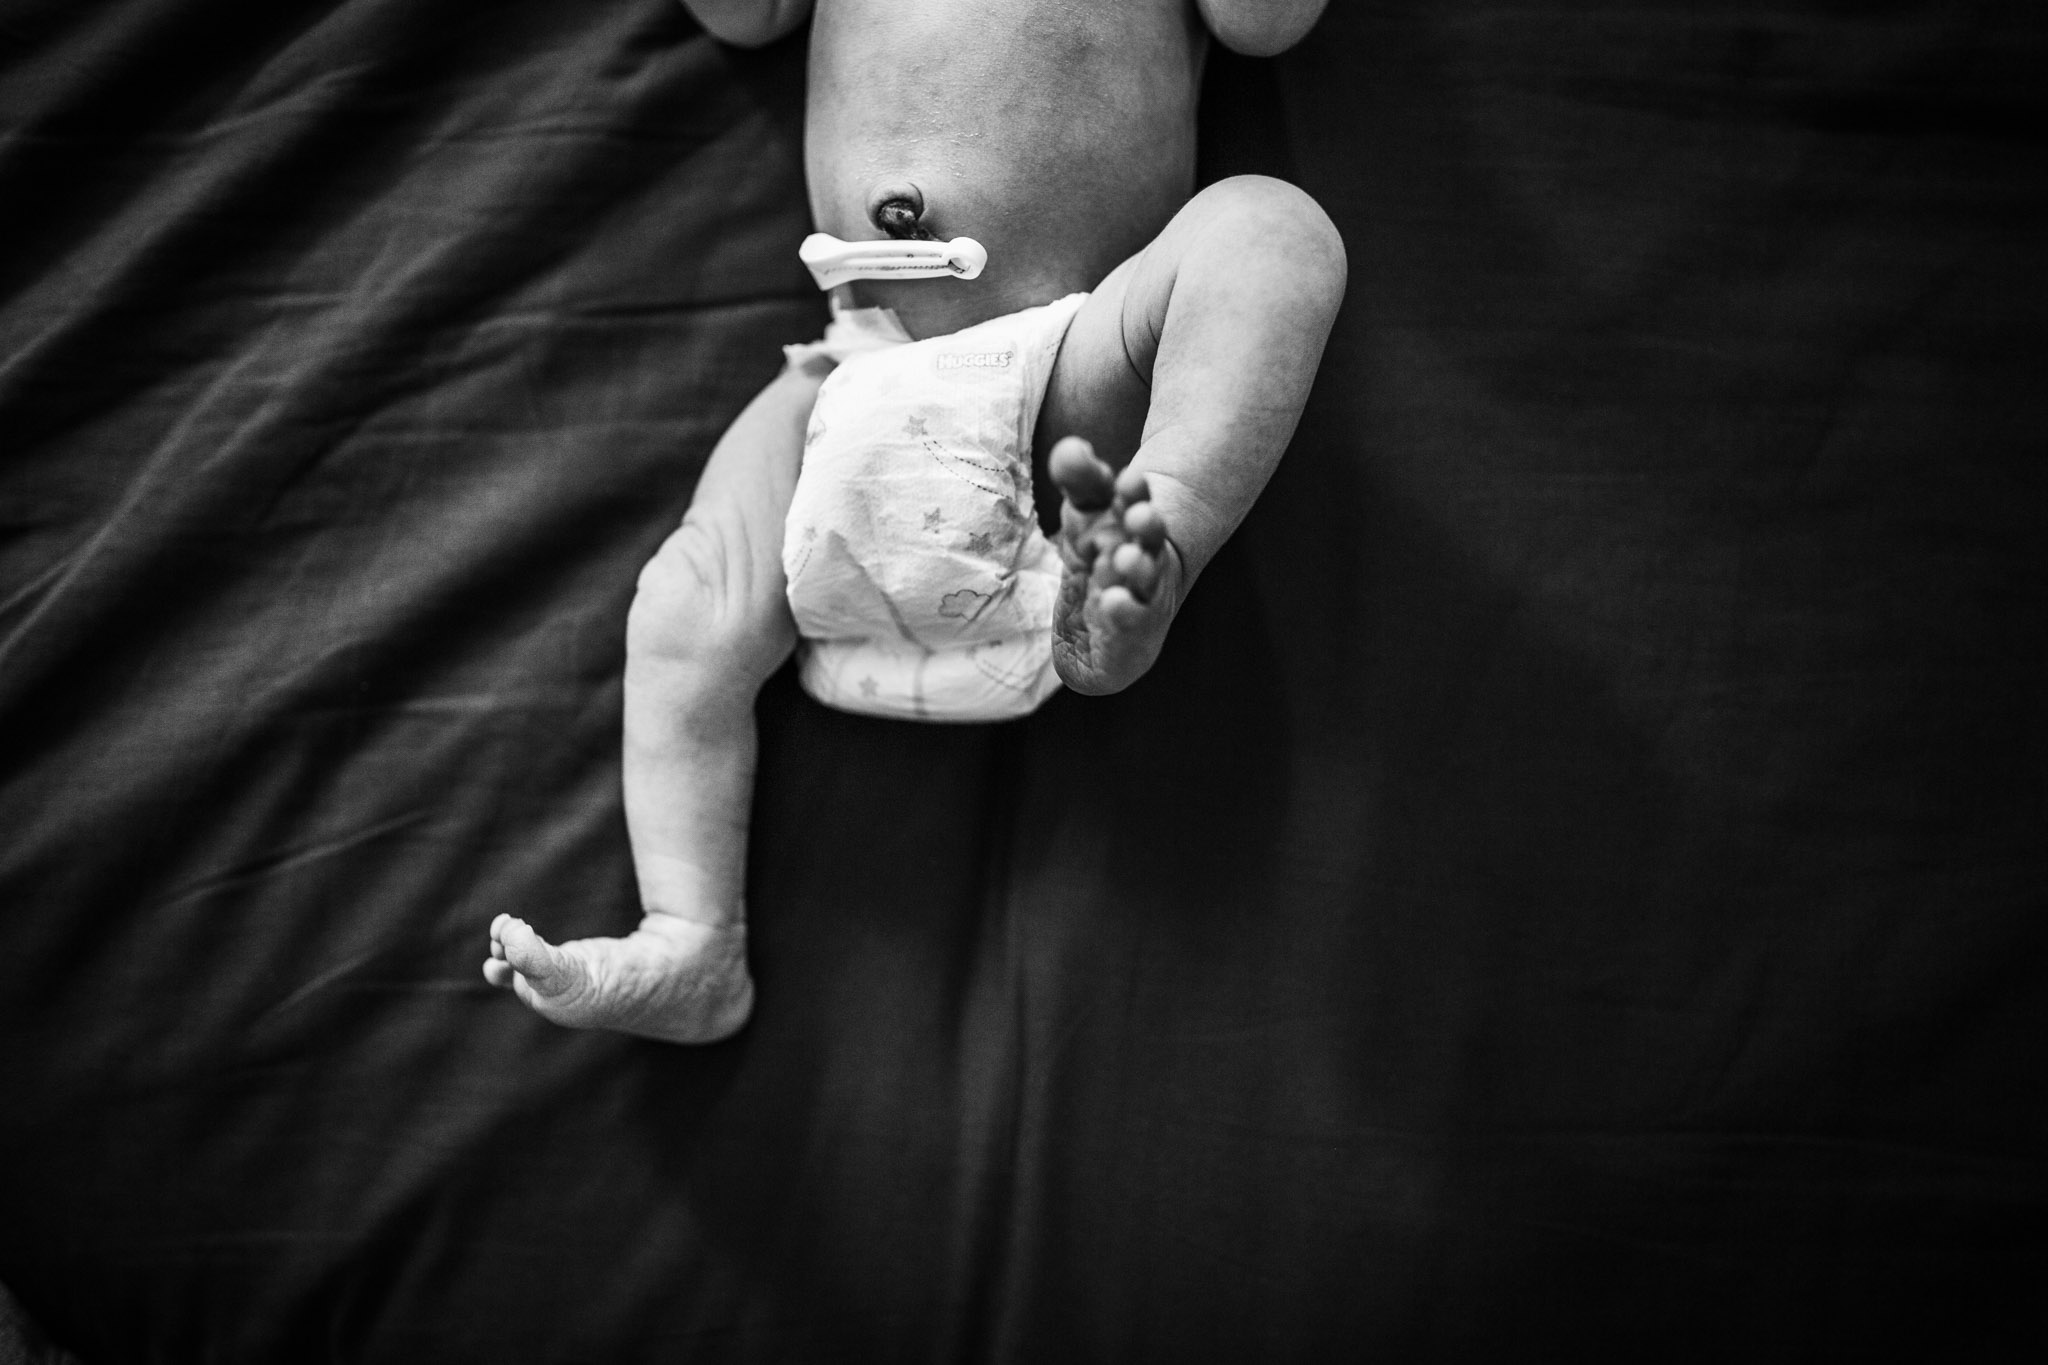 baby-kicking-legs-on-black-sheet (1 of 1).jpg